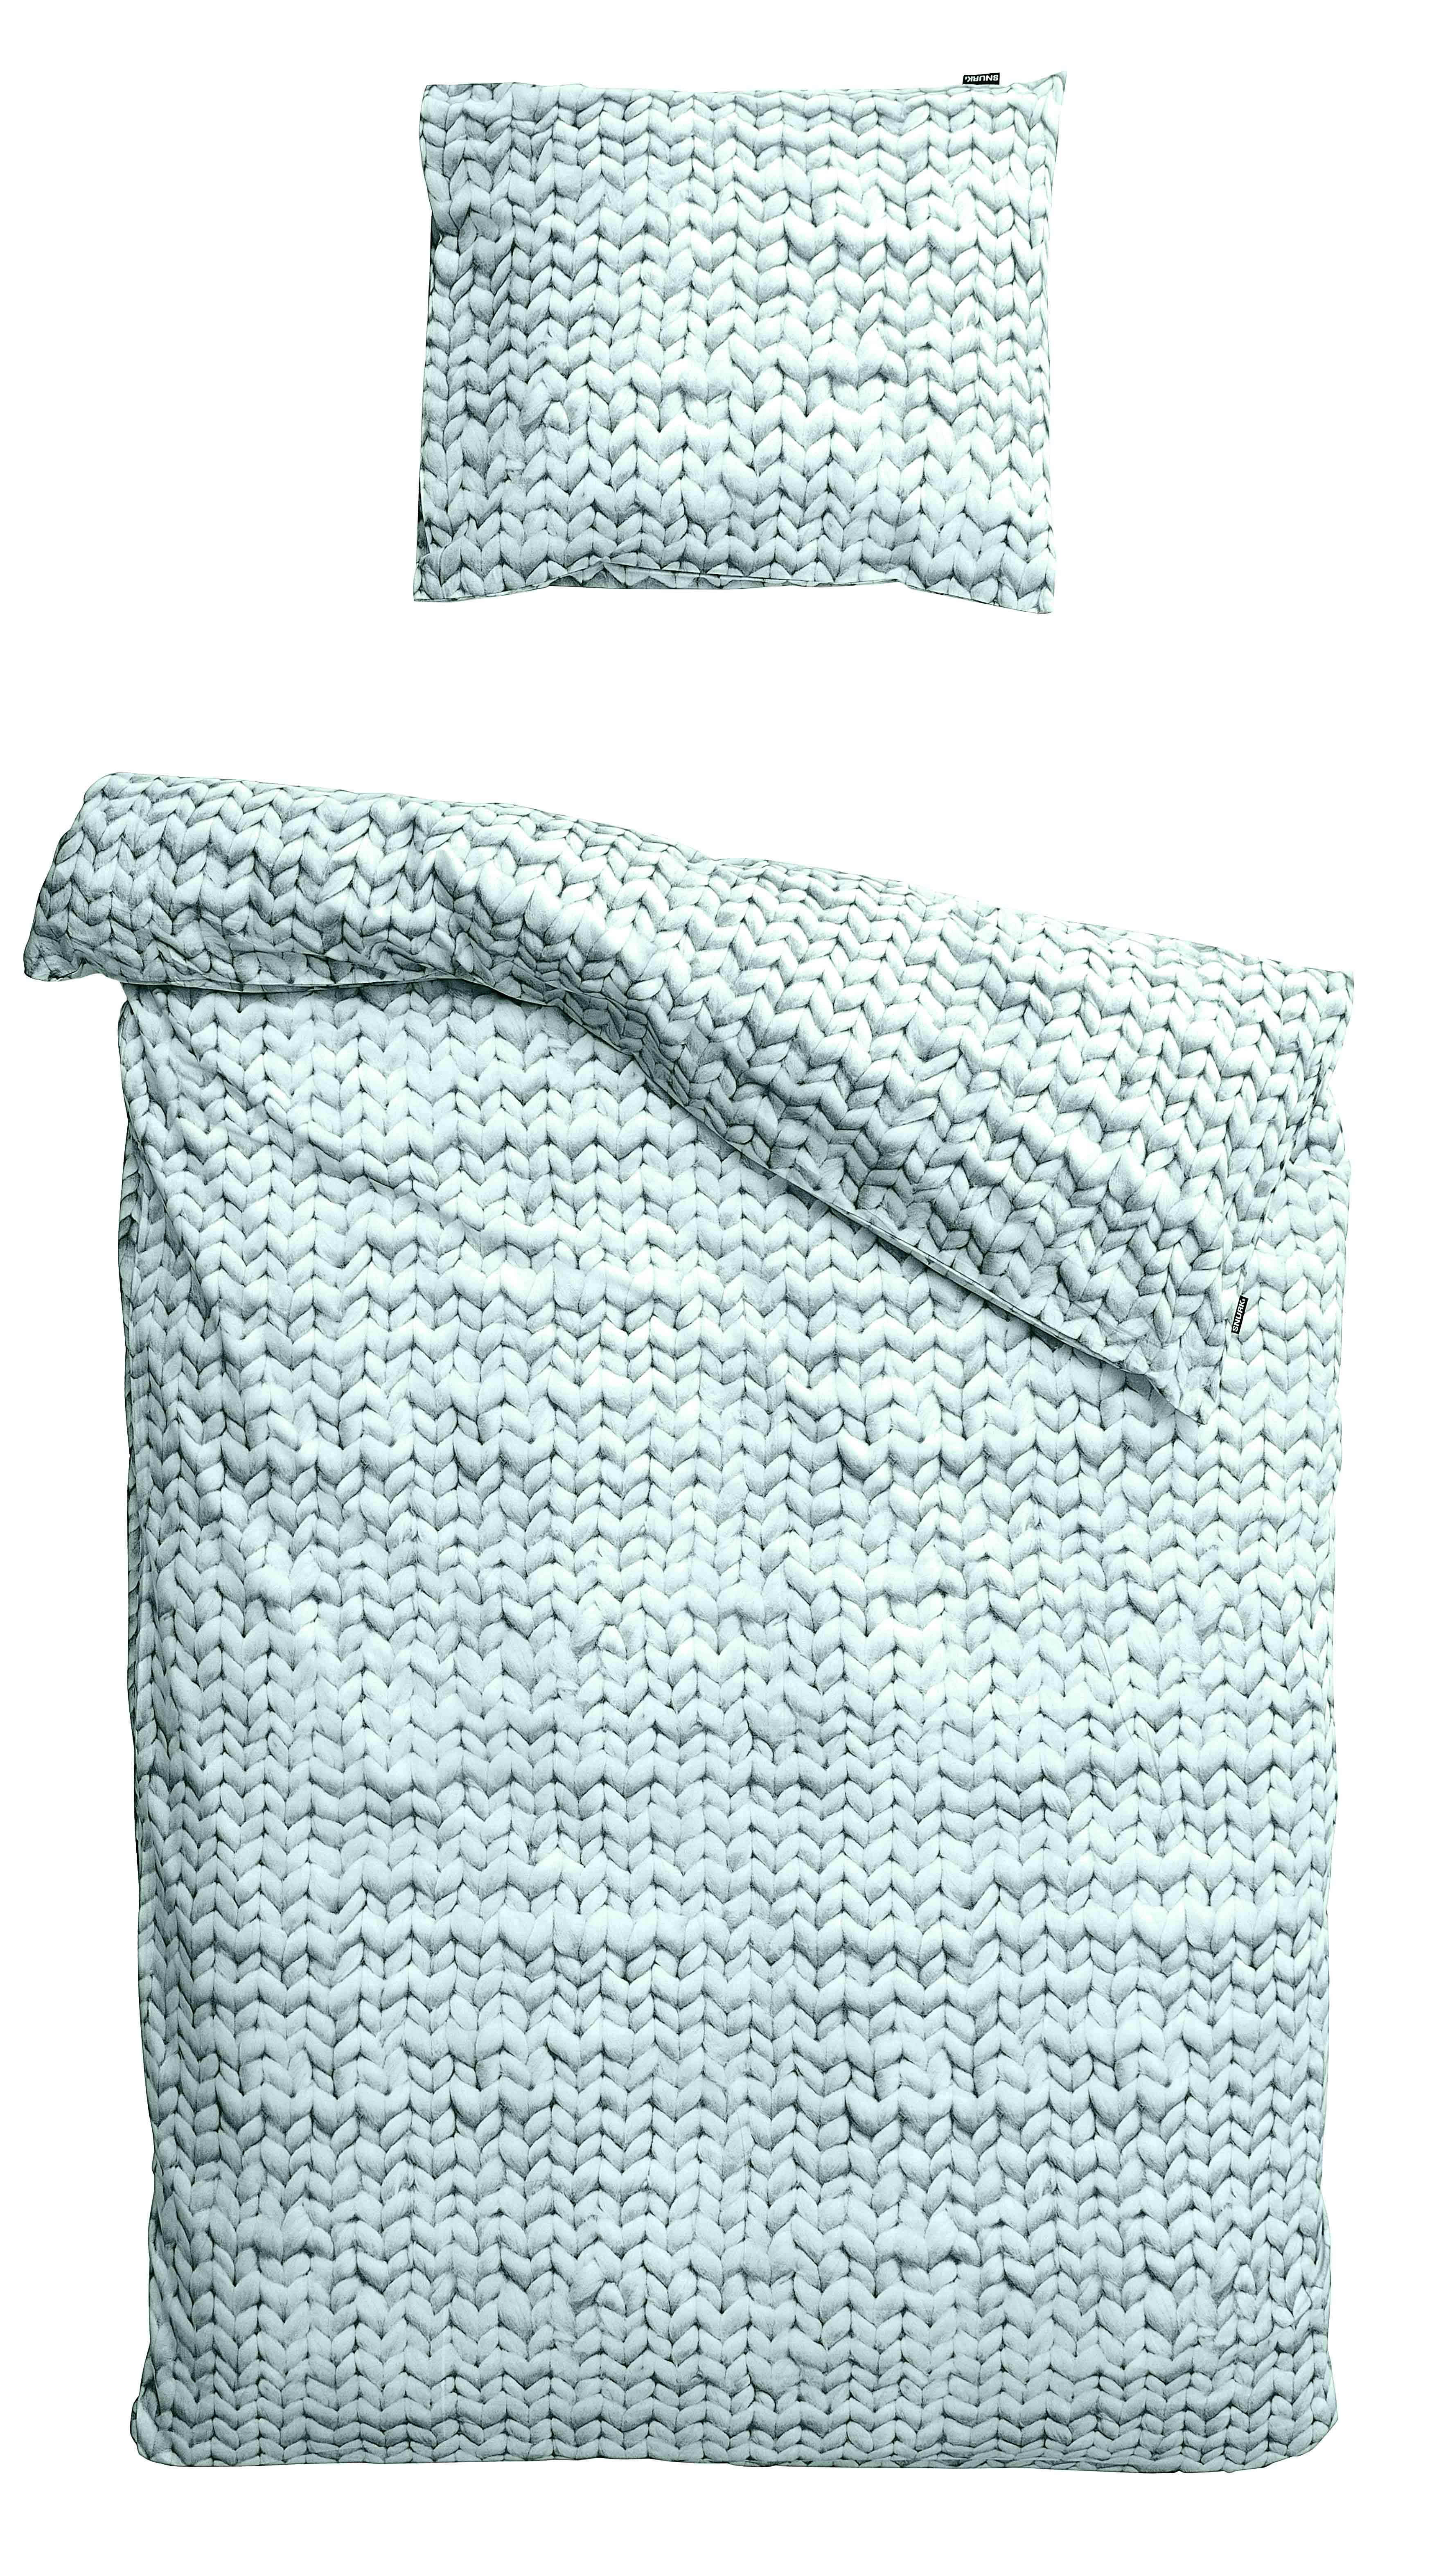 Купить Комплект постельного белья Косичка зеленый фланель 150х200, inmyroom, Нидерланды